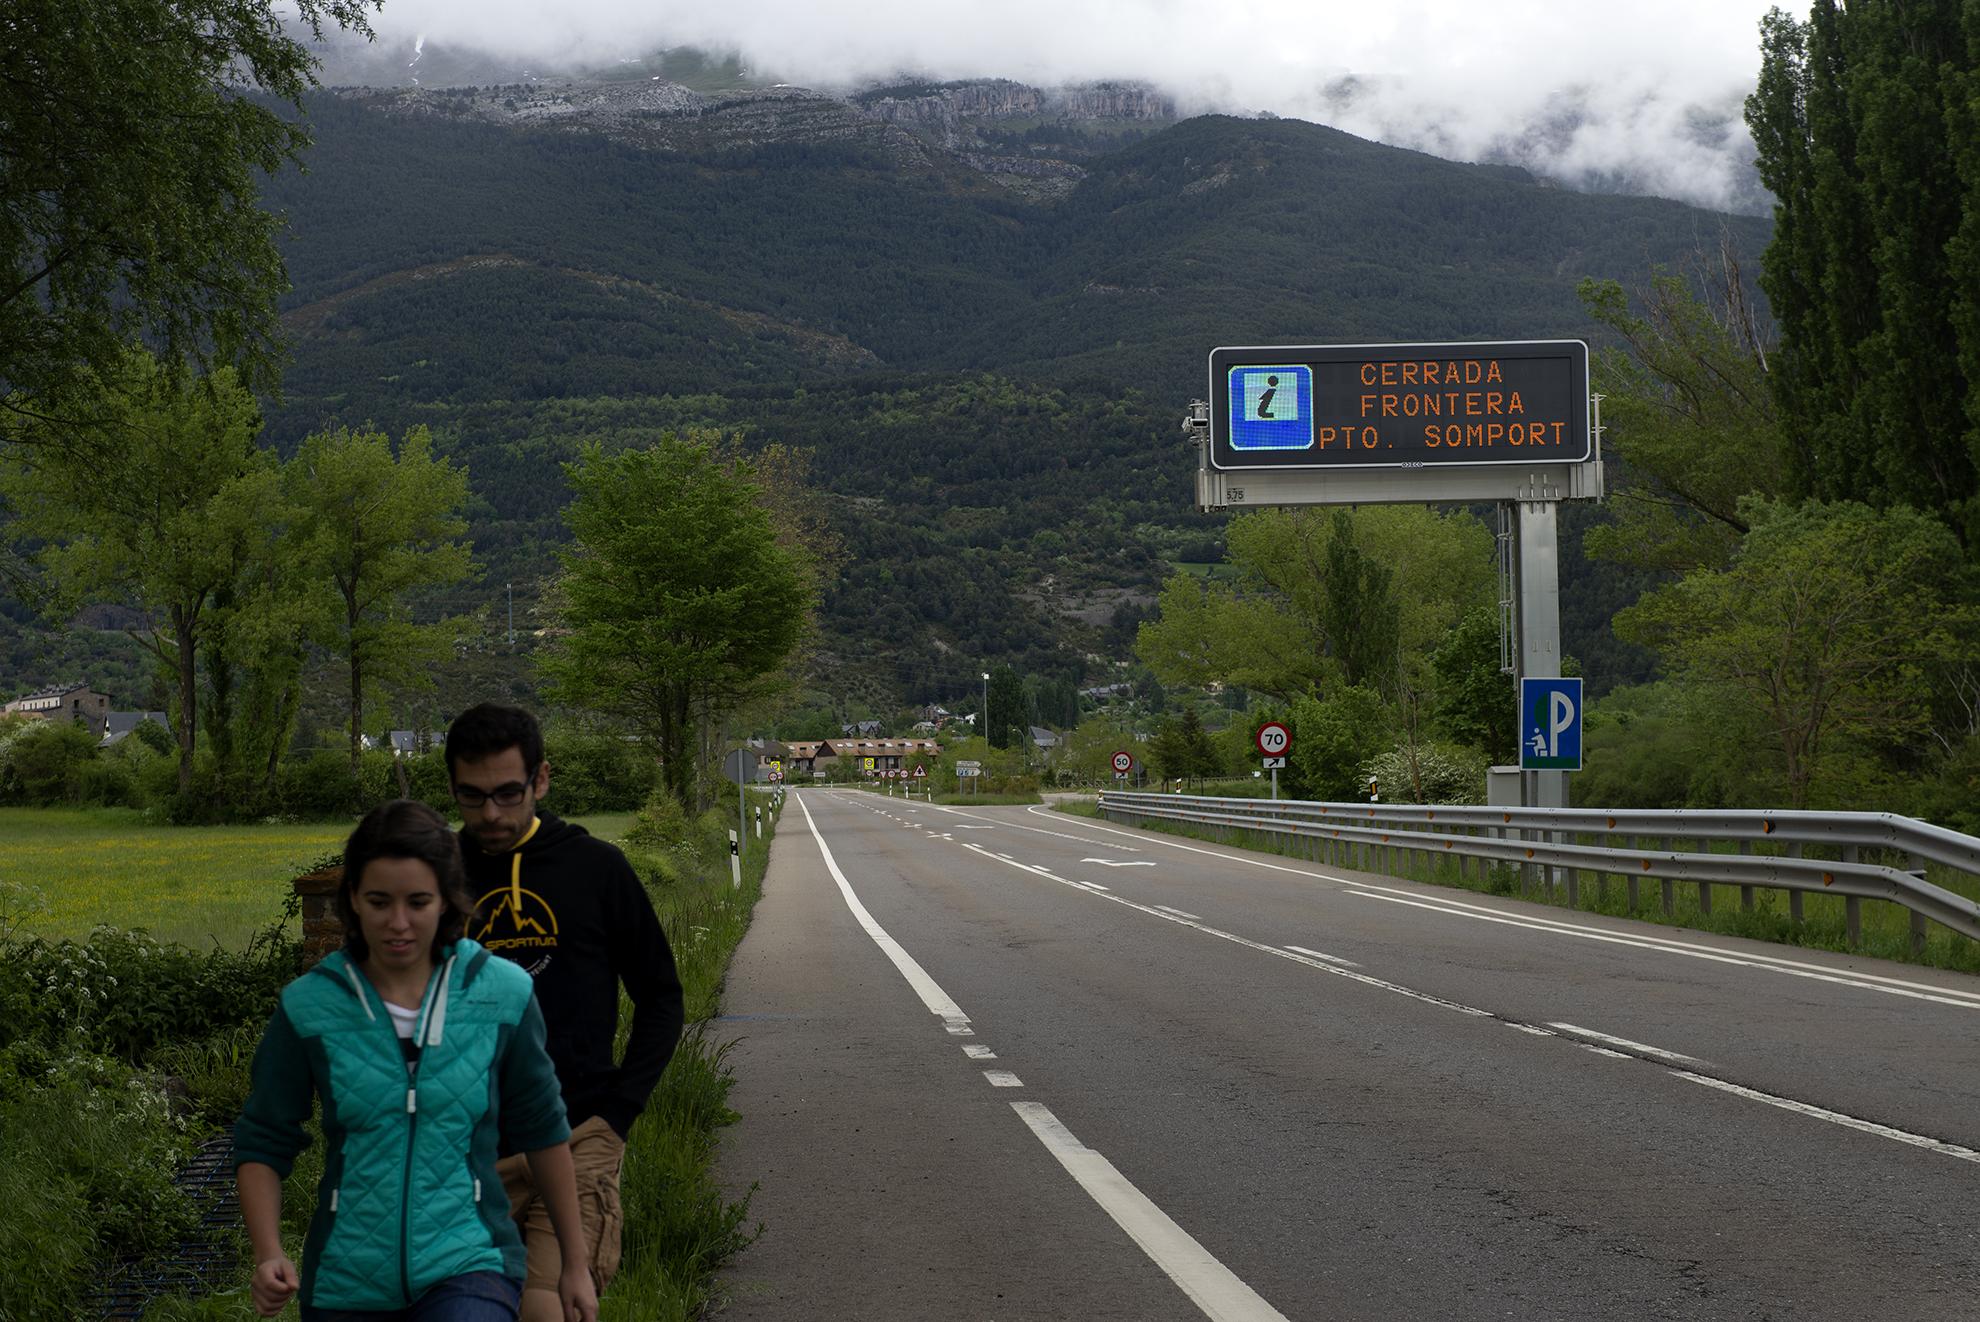 Un cartel en la carretera a la entrada de Villanua advierte de que el túnel de Somport, paso fronterizo entre España y Francia en los Pirineos aragoneses, permanece cerrado. Solo se permite la circulación del transporte de mercancías y vehículos autorizados.